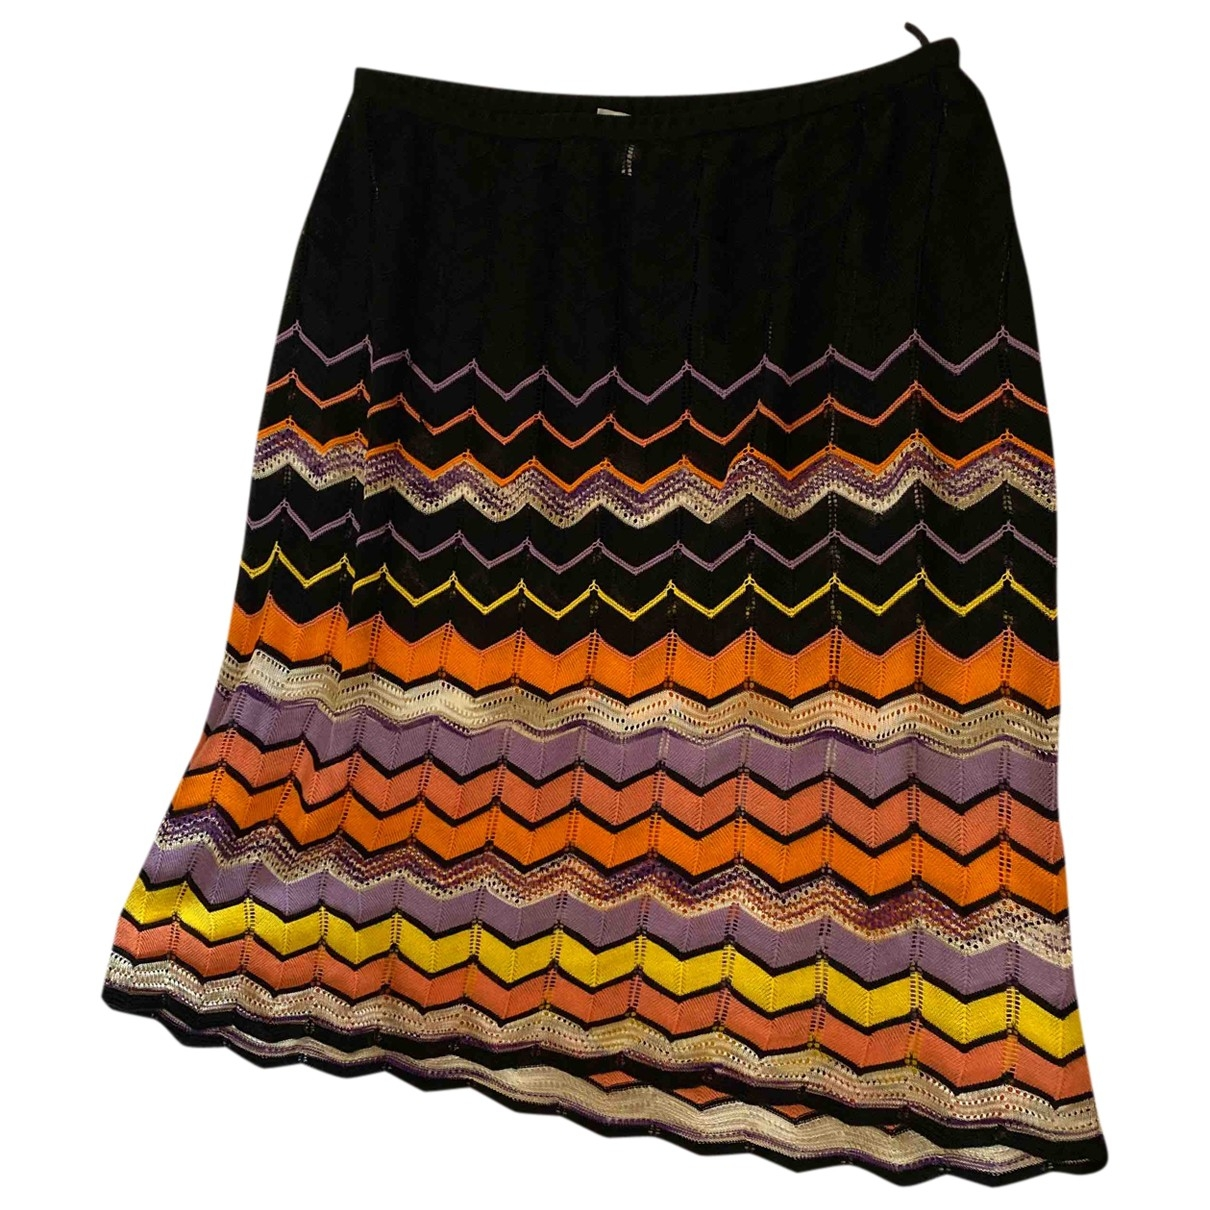 M Missoni - Jupe   pour femme - multicolore